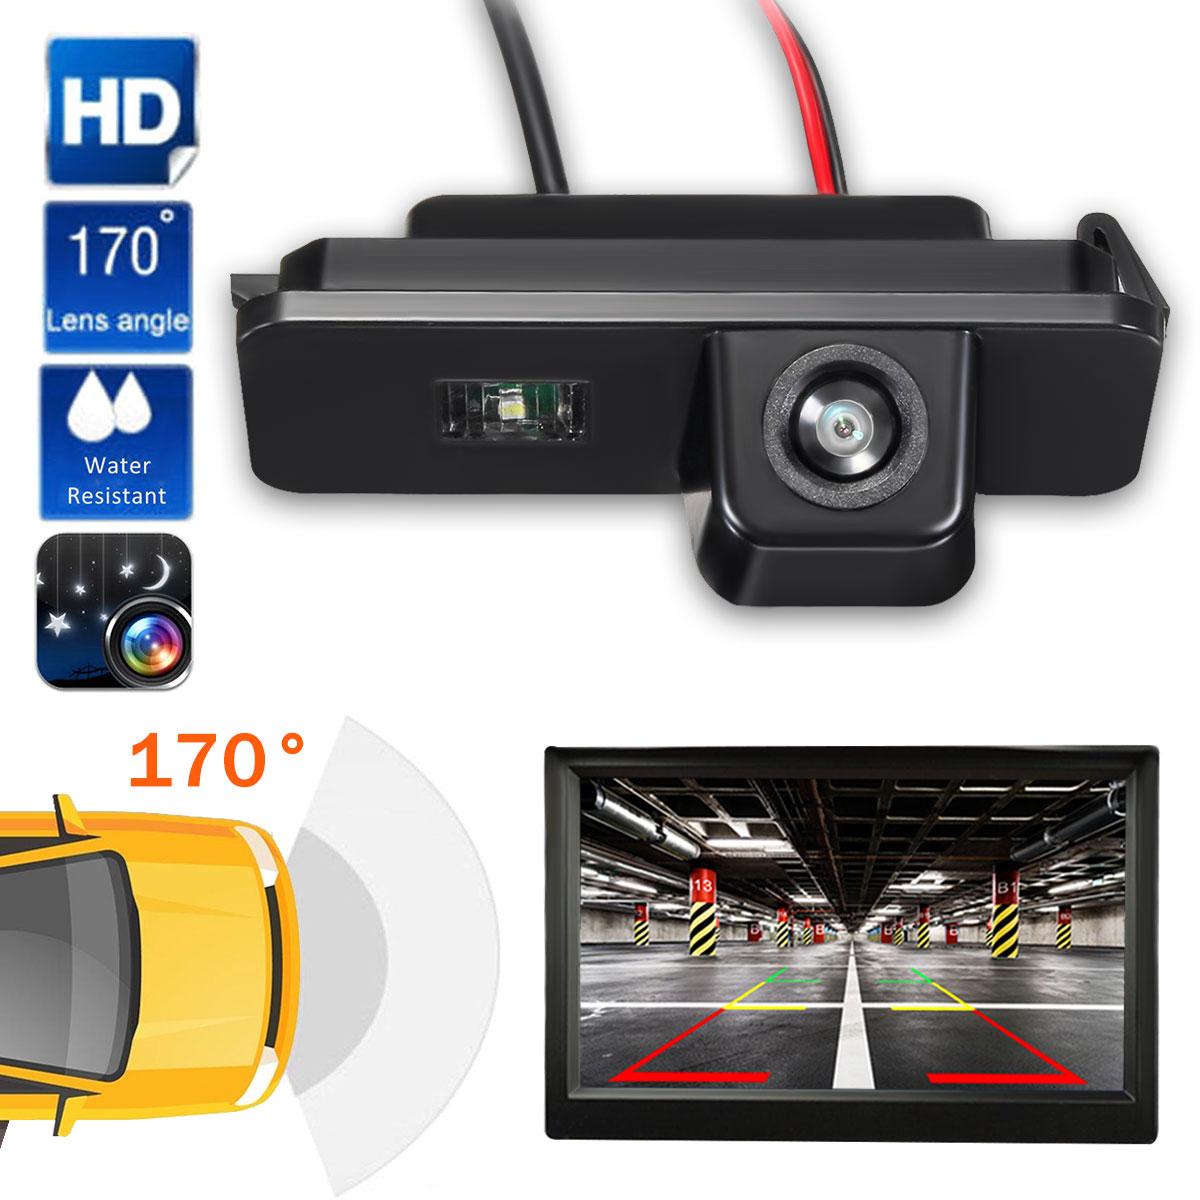 Универсальная автомобильная камера заднего вида для VW для Polo 2C Bora Golf MK4 MK5 MK6 Beetle Leon, запасная камера заднего вида